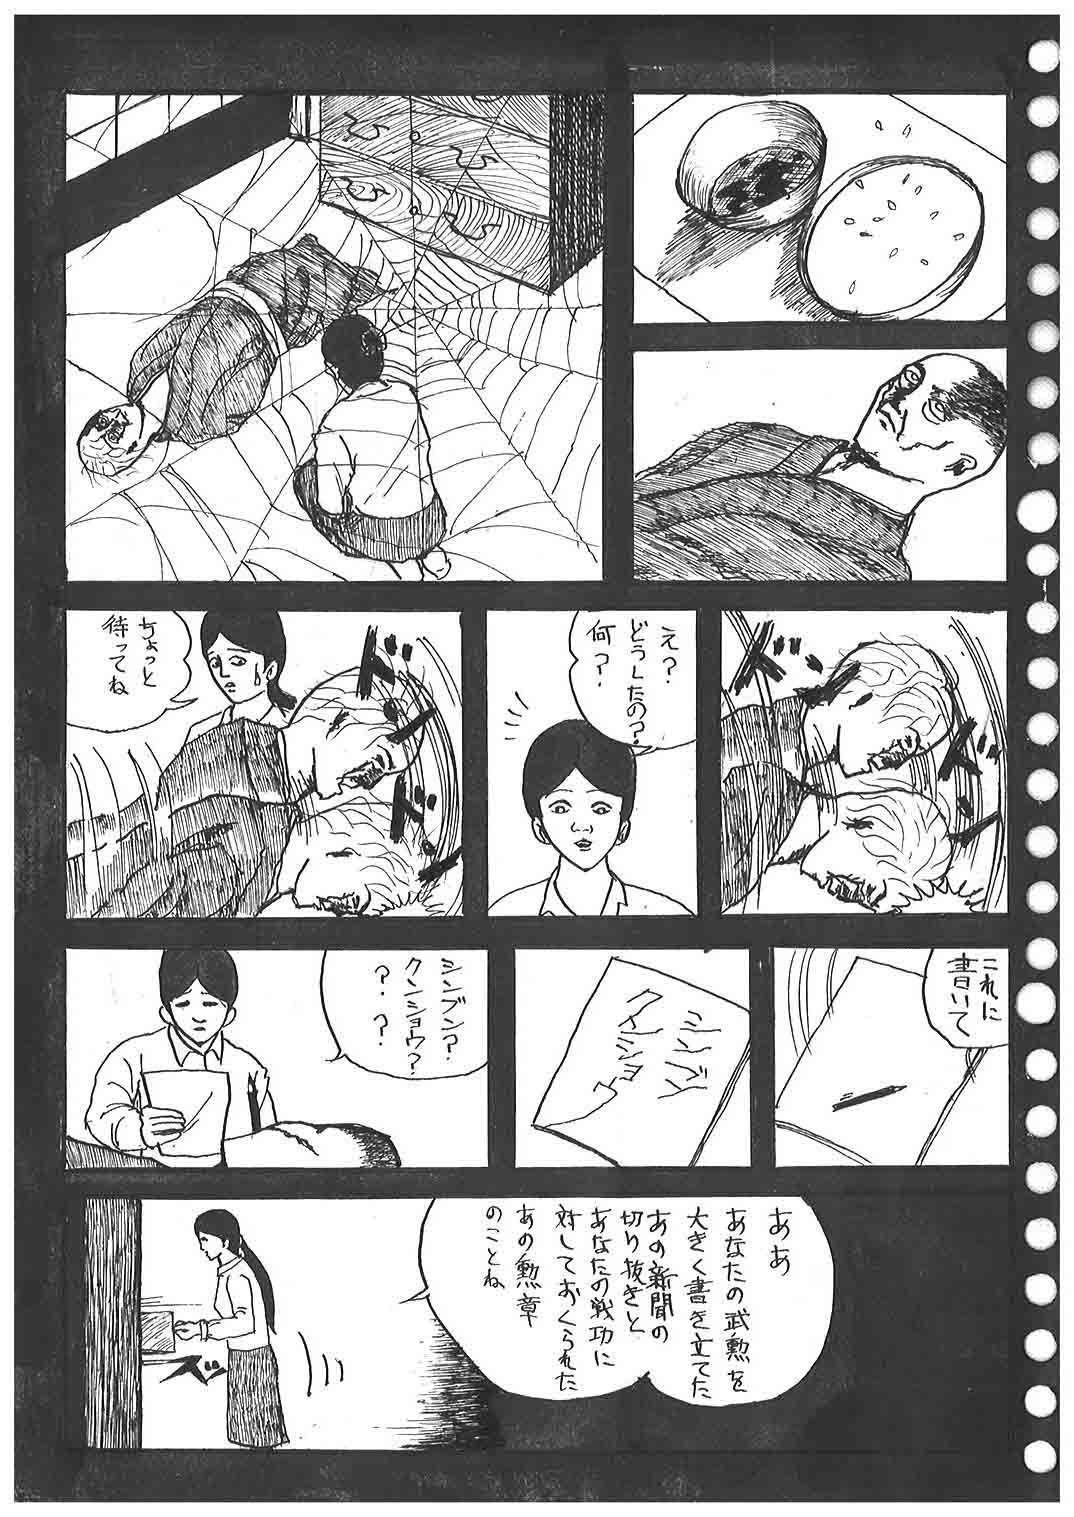 江戸川 乱歩 高校生